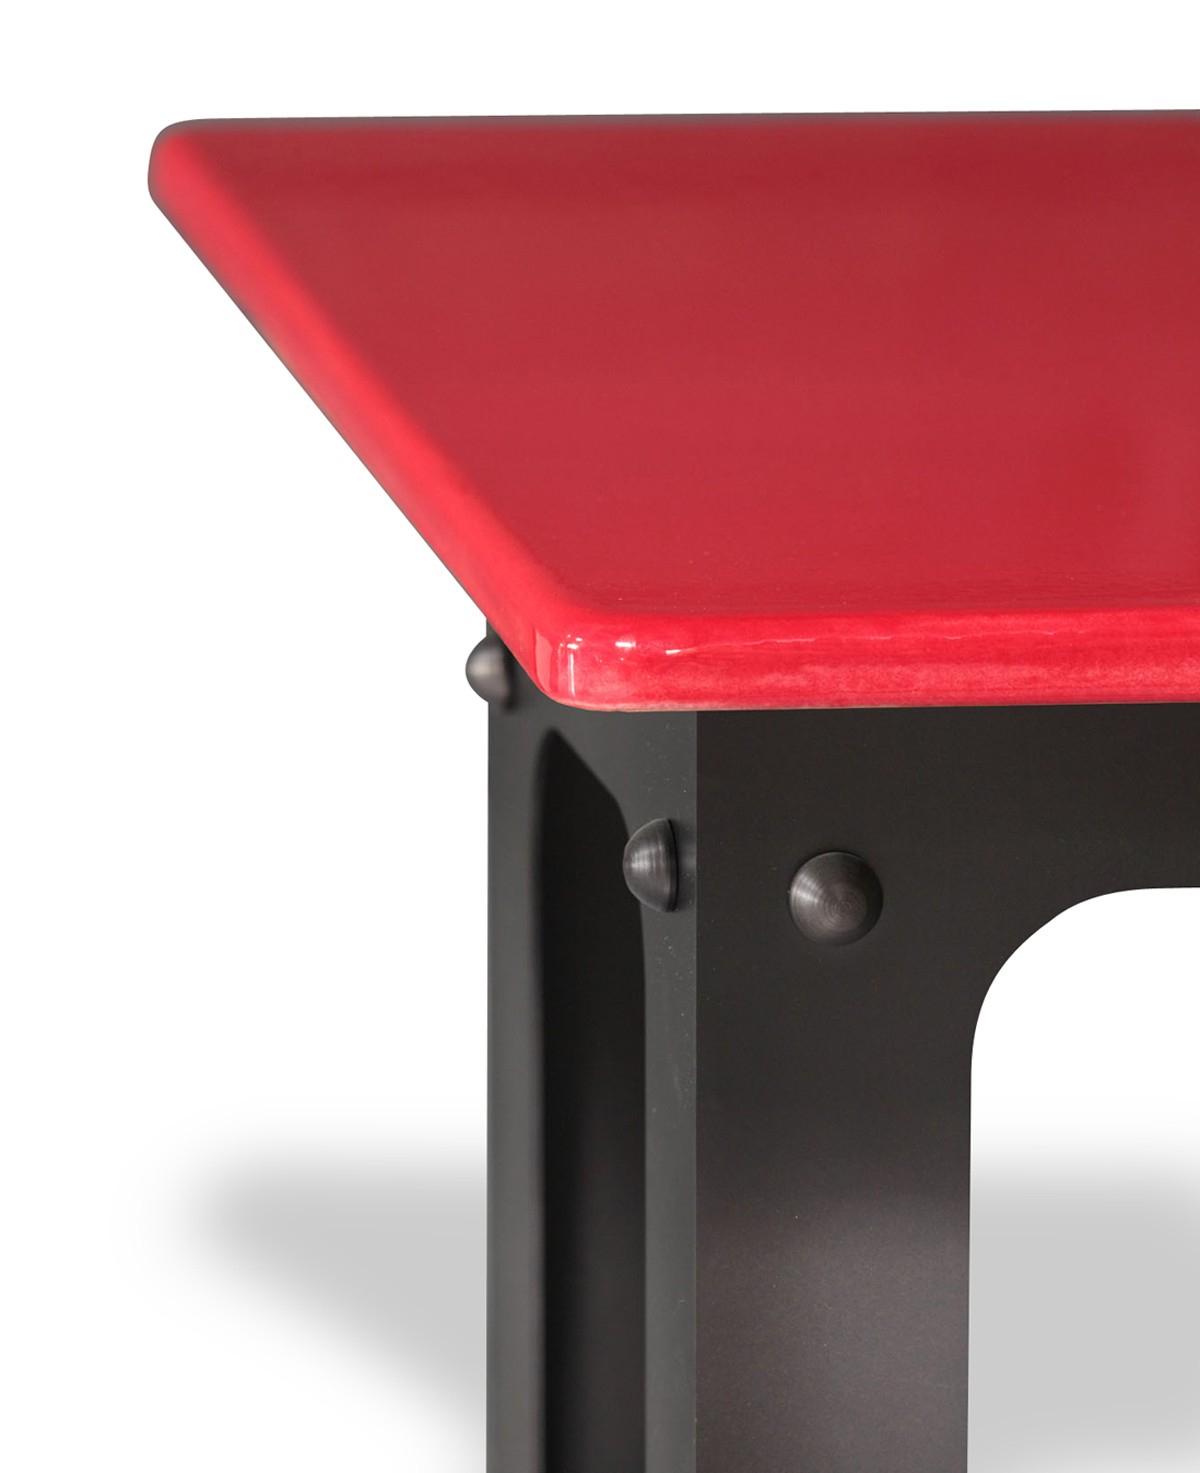 Table En Pierre De Lave Émaillée Pied Loft - 5 Coloris dedans Table De Jardin En Pierre De Lave